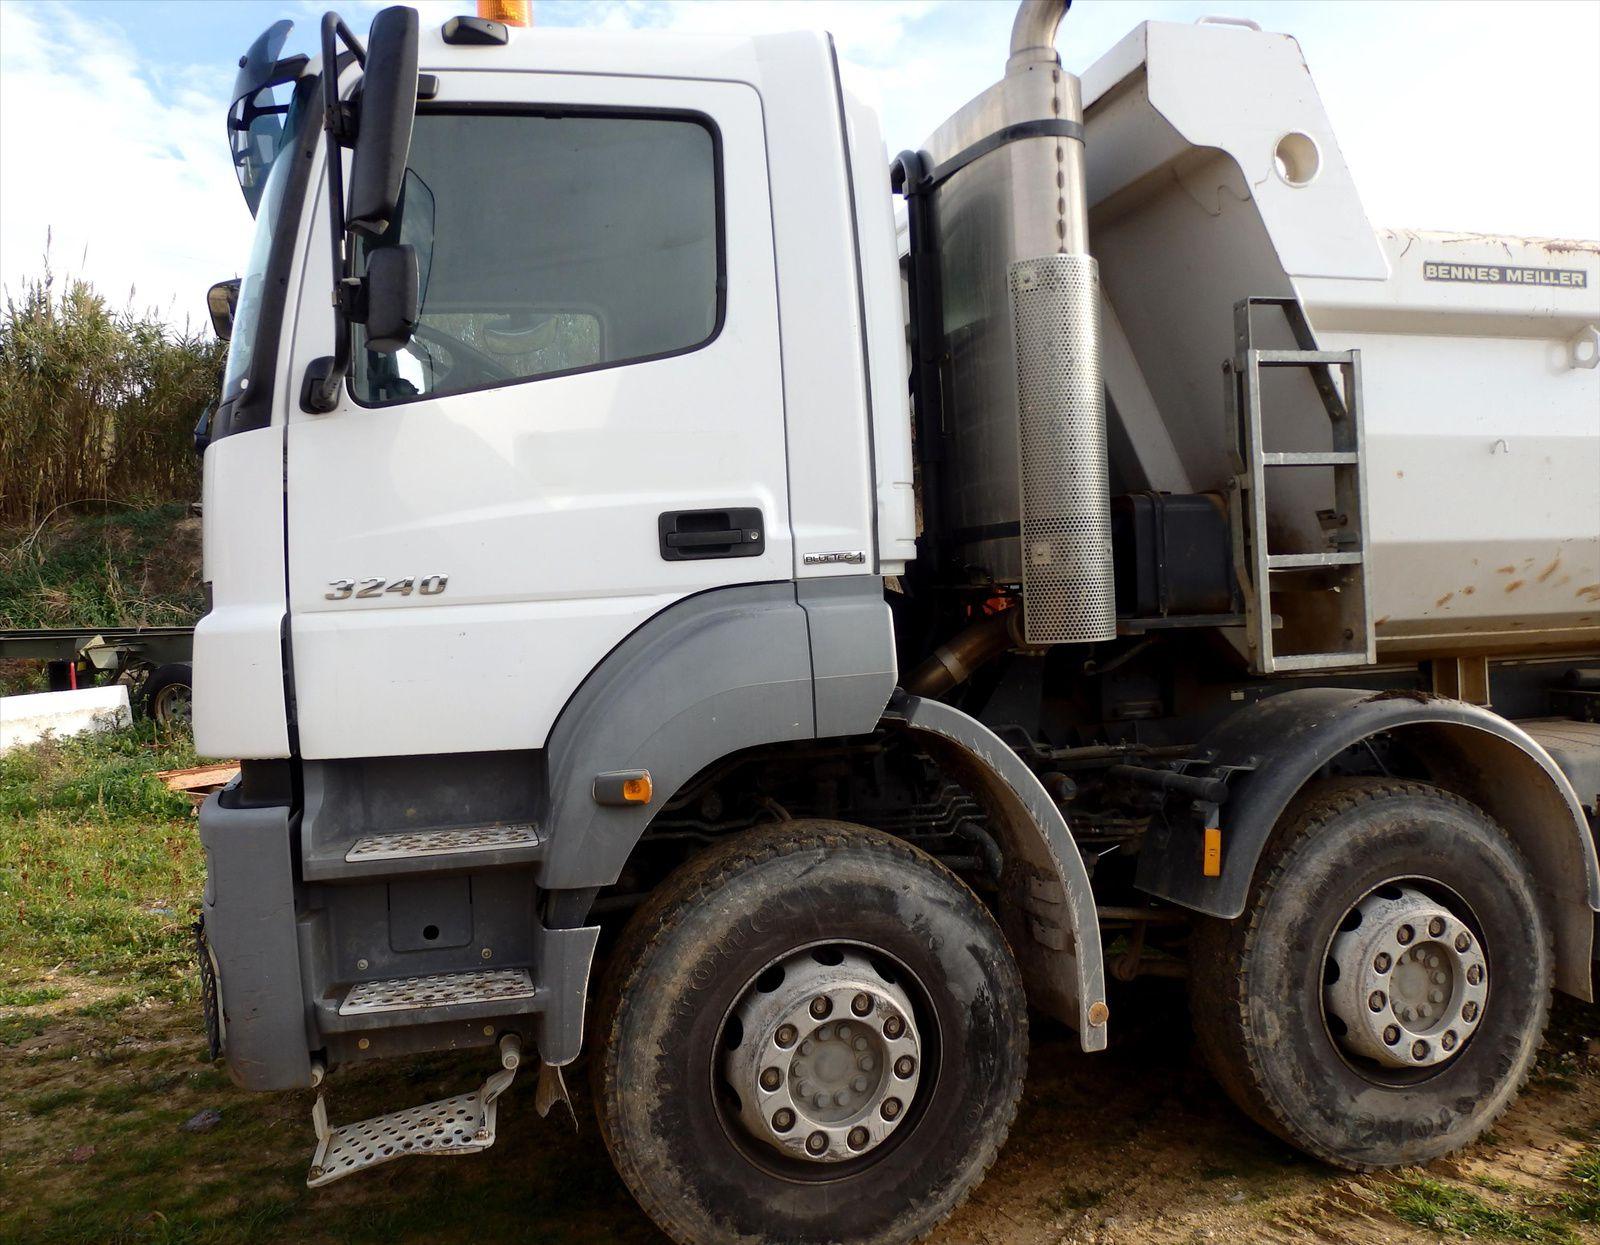 Camion MERCEDES AXOR 3240 8x4  400chv Benne 2008 Tel: 0608066192 Pierre BASSAT TRANSCOMM13